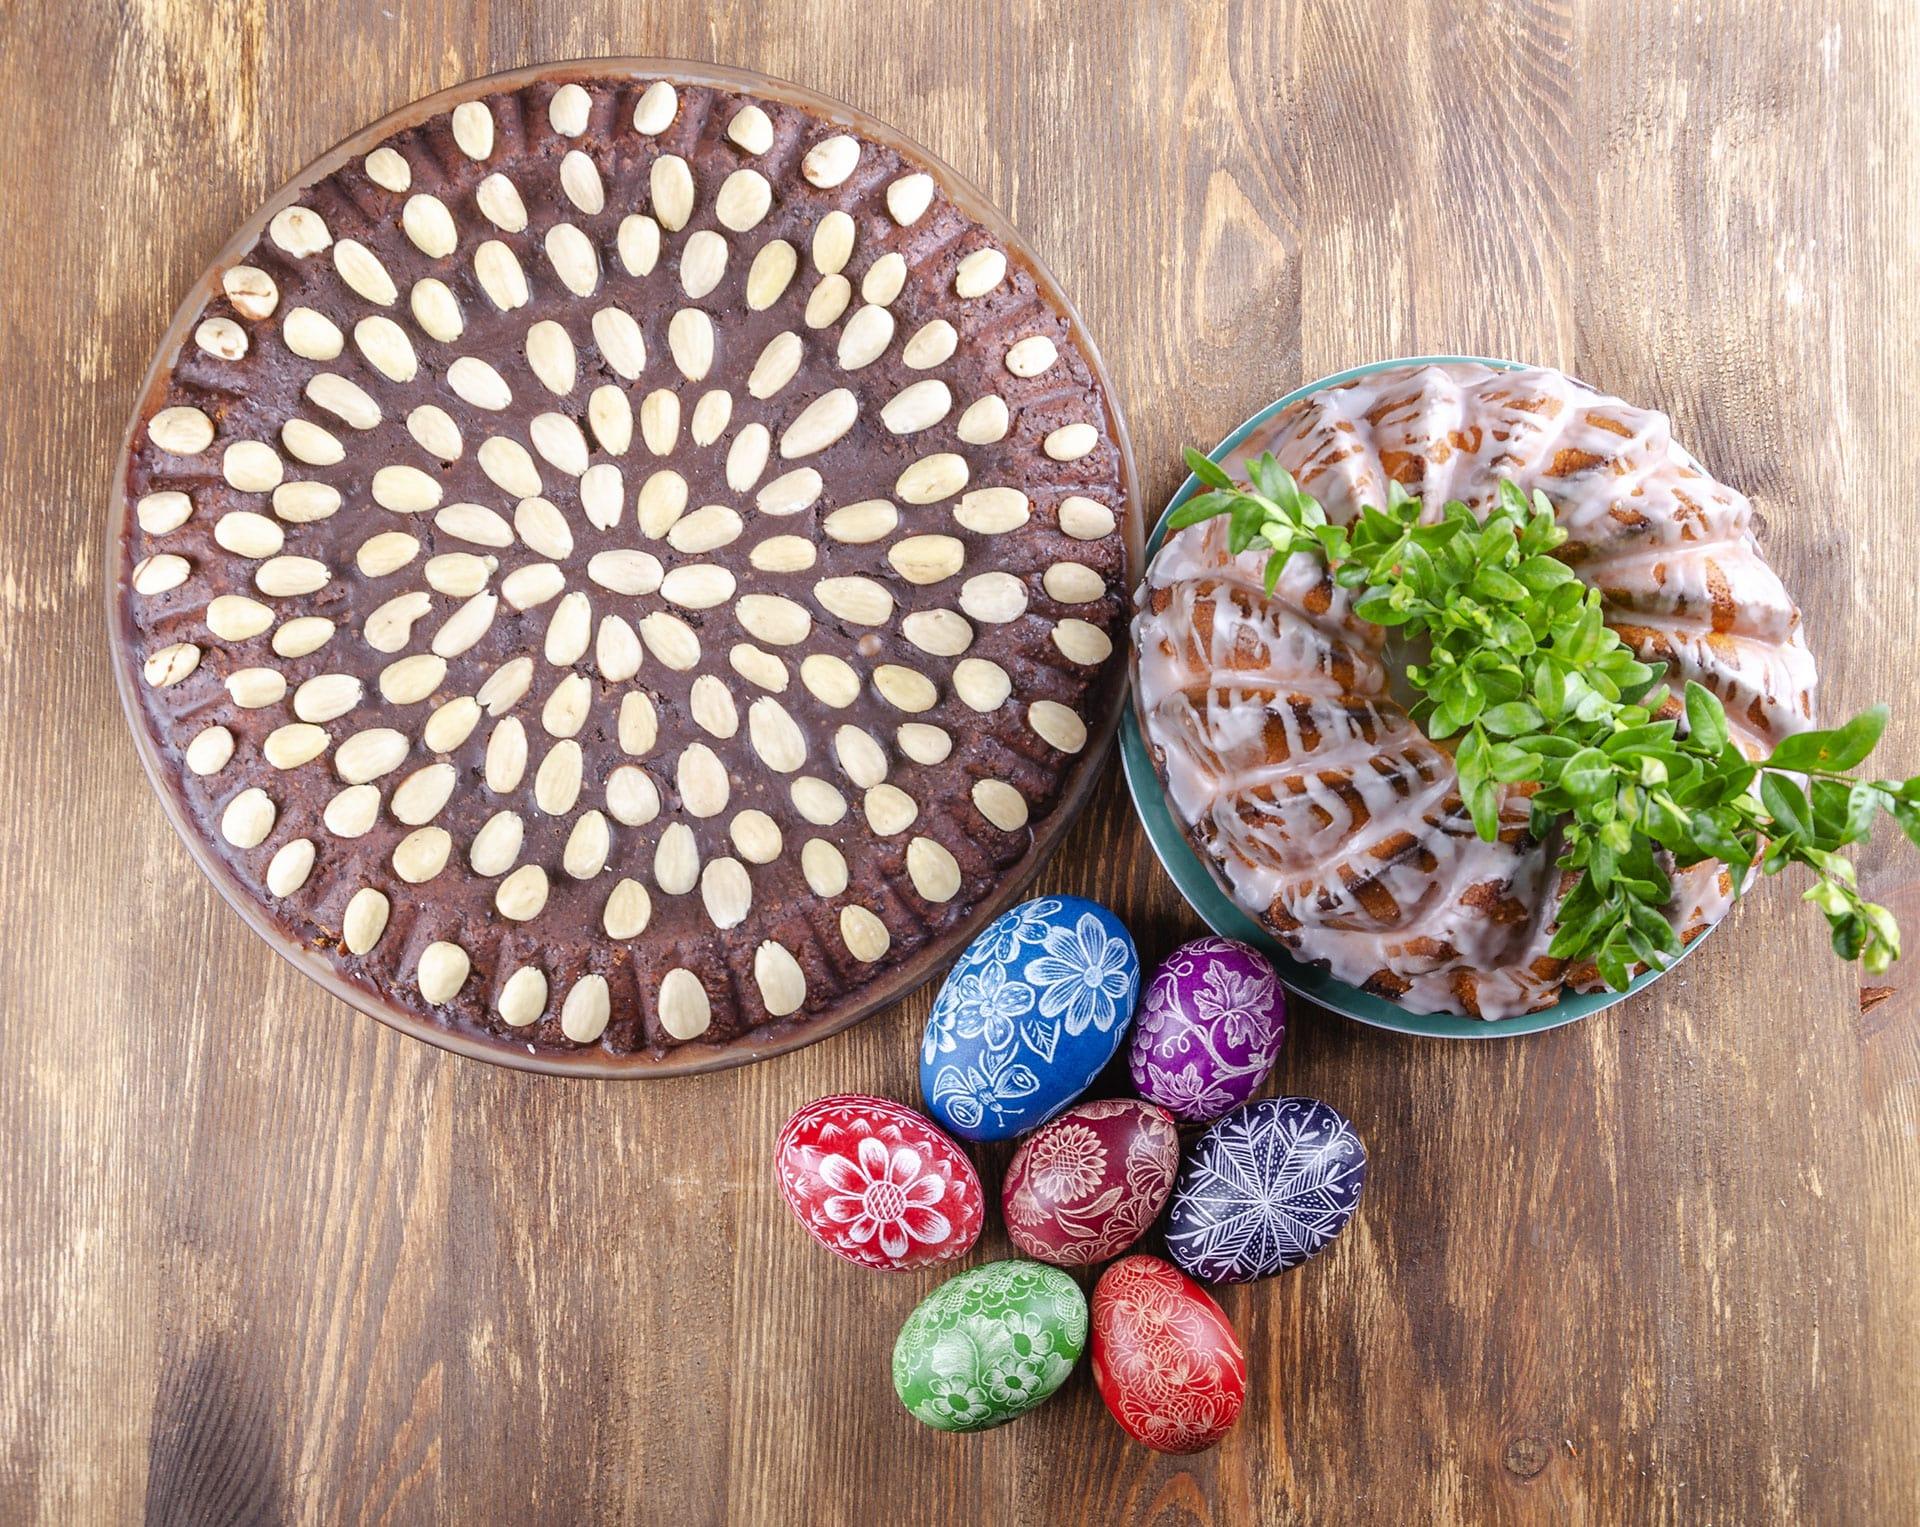 Ciasta wielkanocne - ciekawe pomysły na desery na Wielkanoc